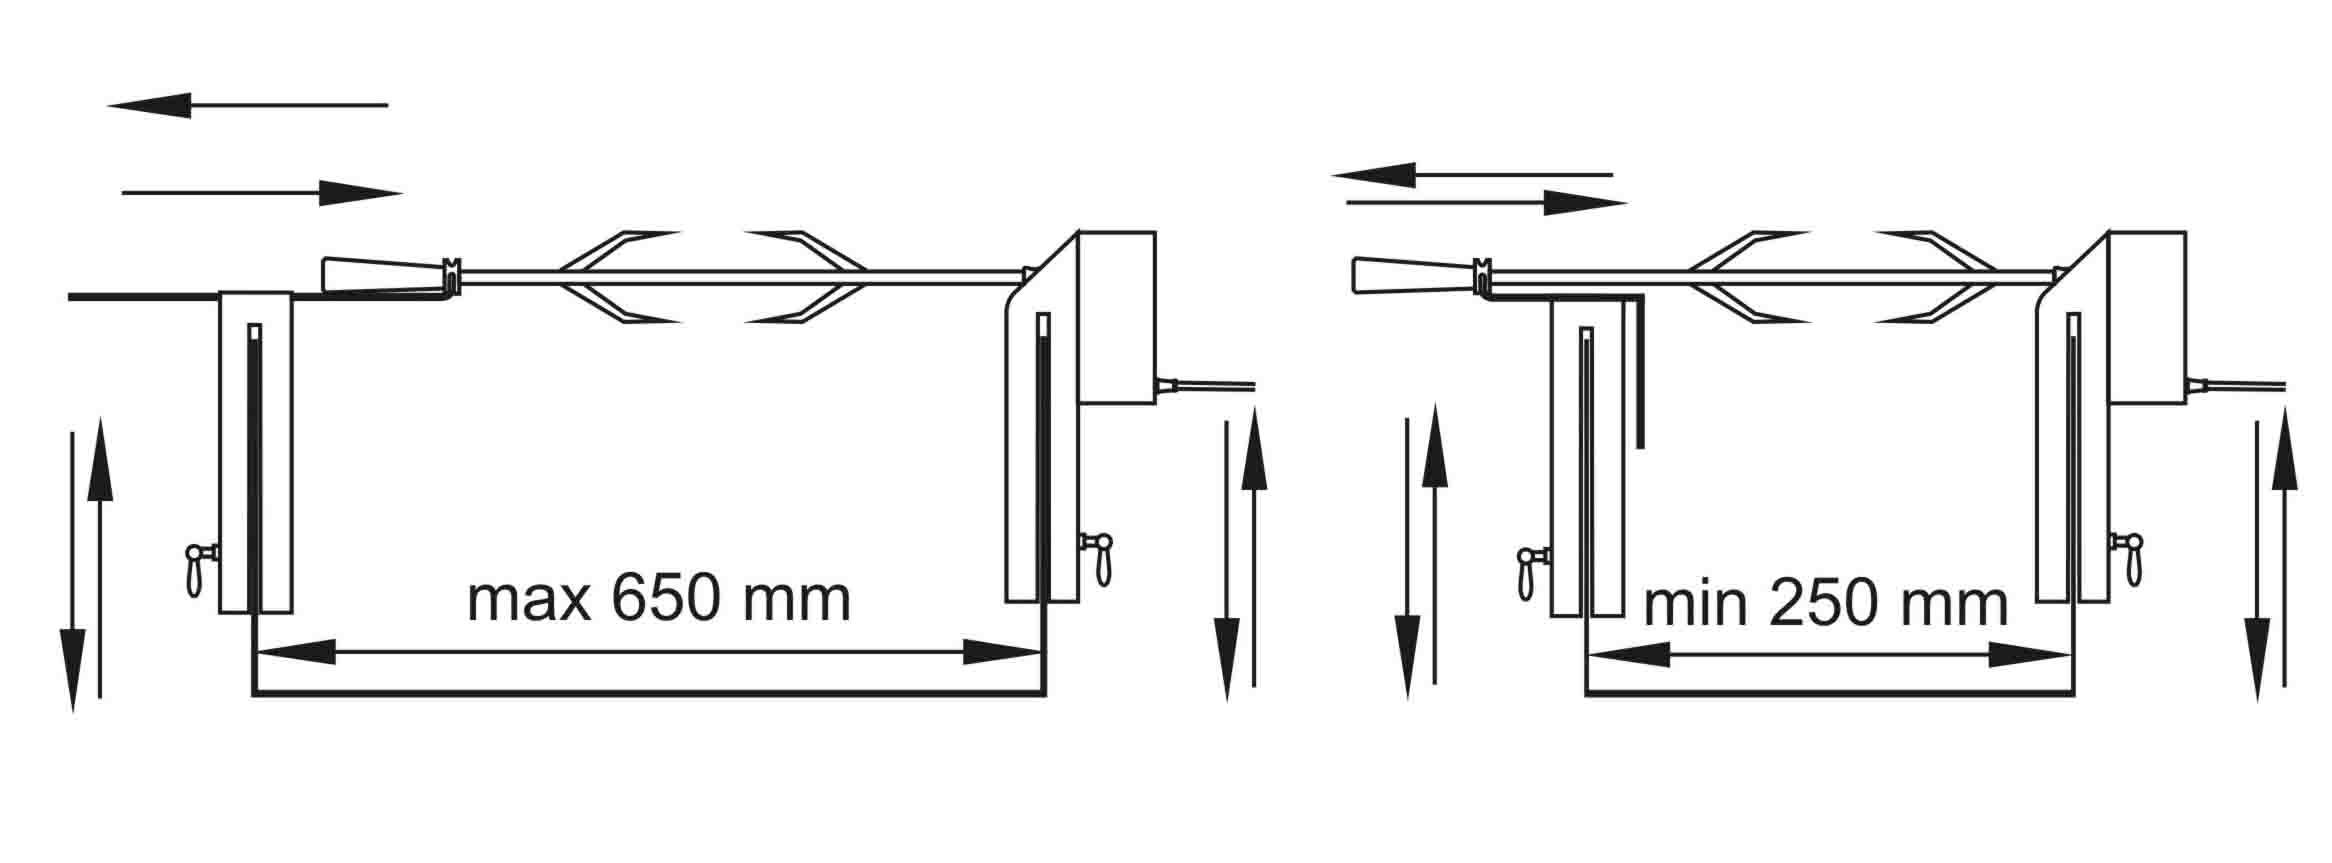 Раскладной мангал-чемодан и мангал-дипломат из металла 6